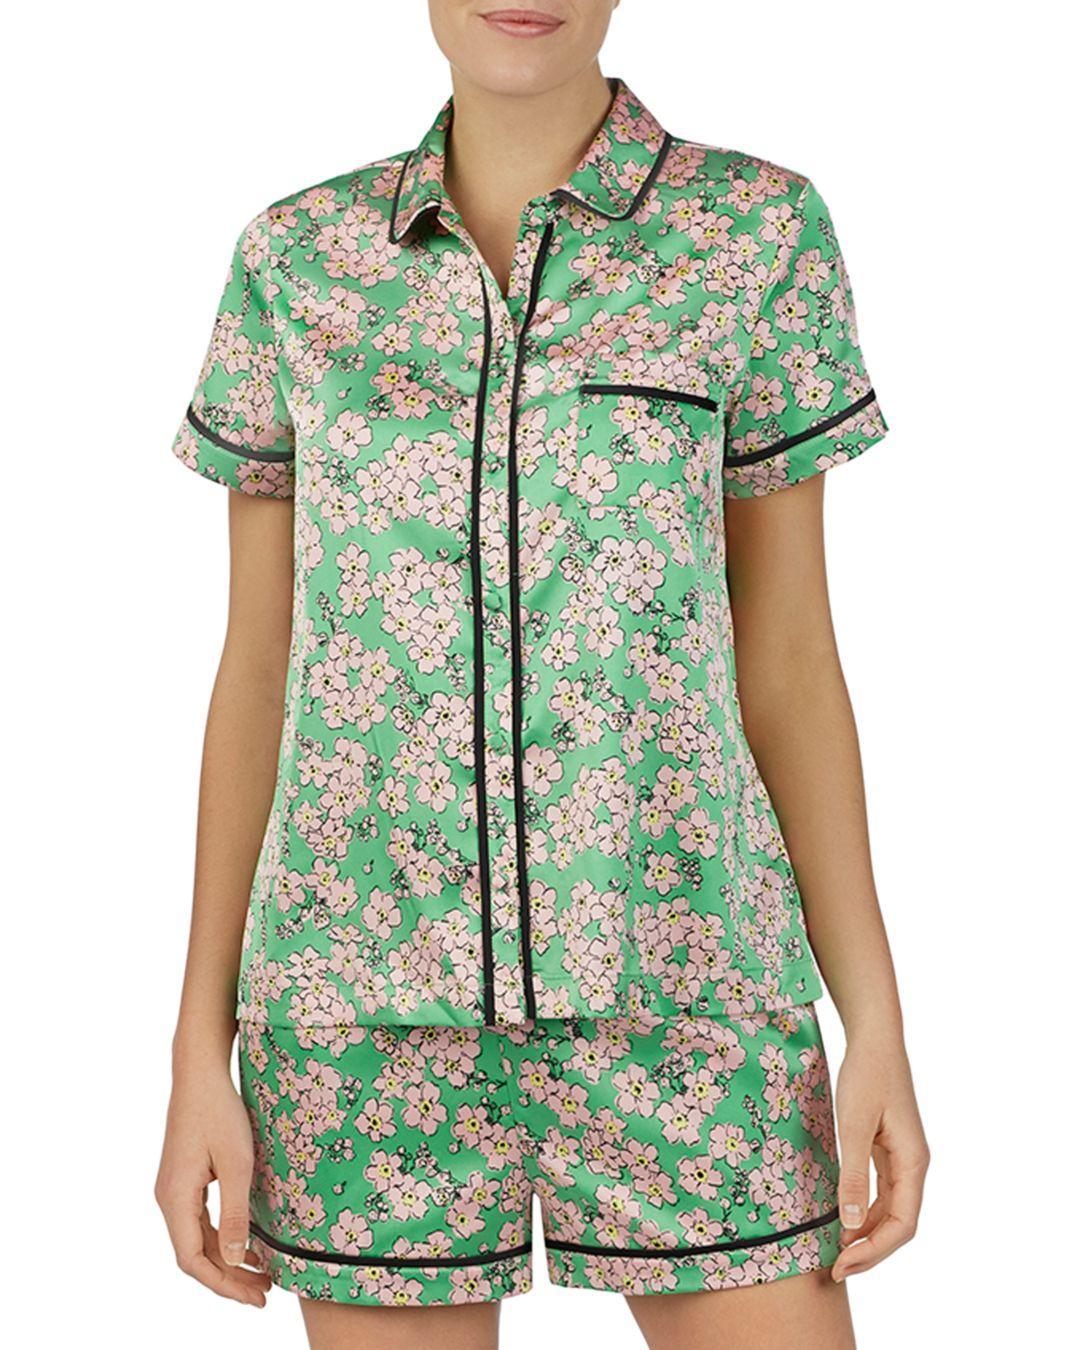 d84e4c33a78 Kate Spade Fresh Flora Green Short Pj Set in Green - Lyst